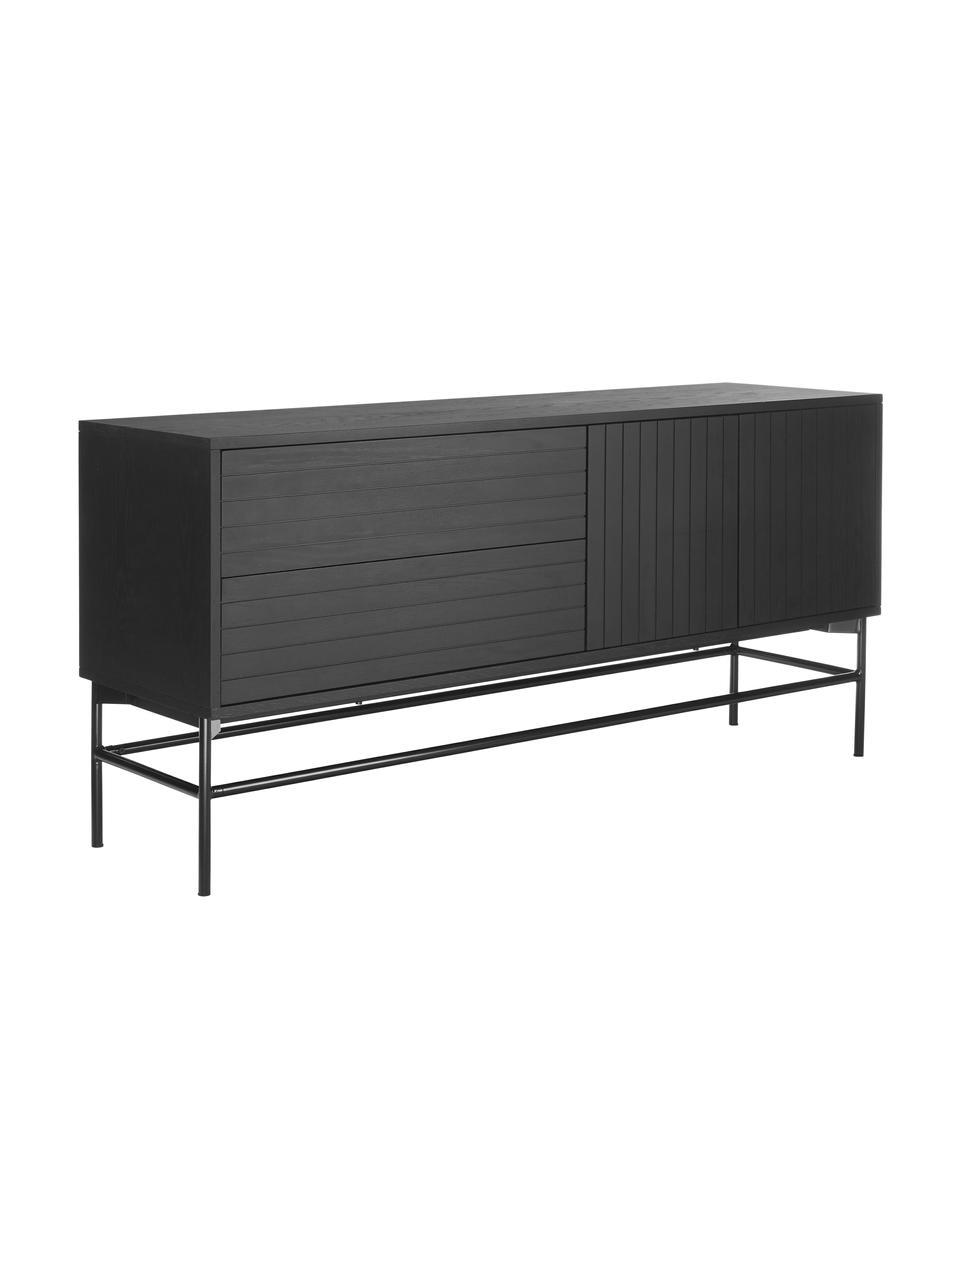 Modernes Sideboard Johan mit Türen in Schwarz, Korpus: Mitteldichte Holzfaserpla, Schwarz, 160 x 75 cm